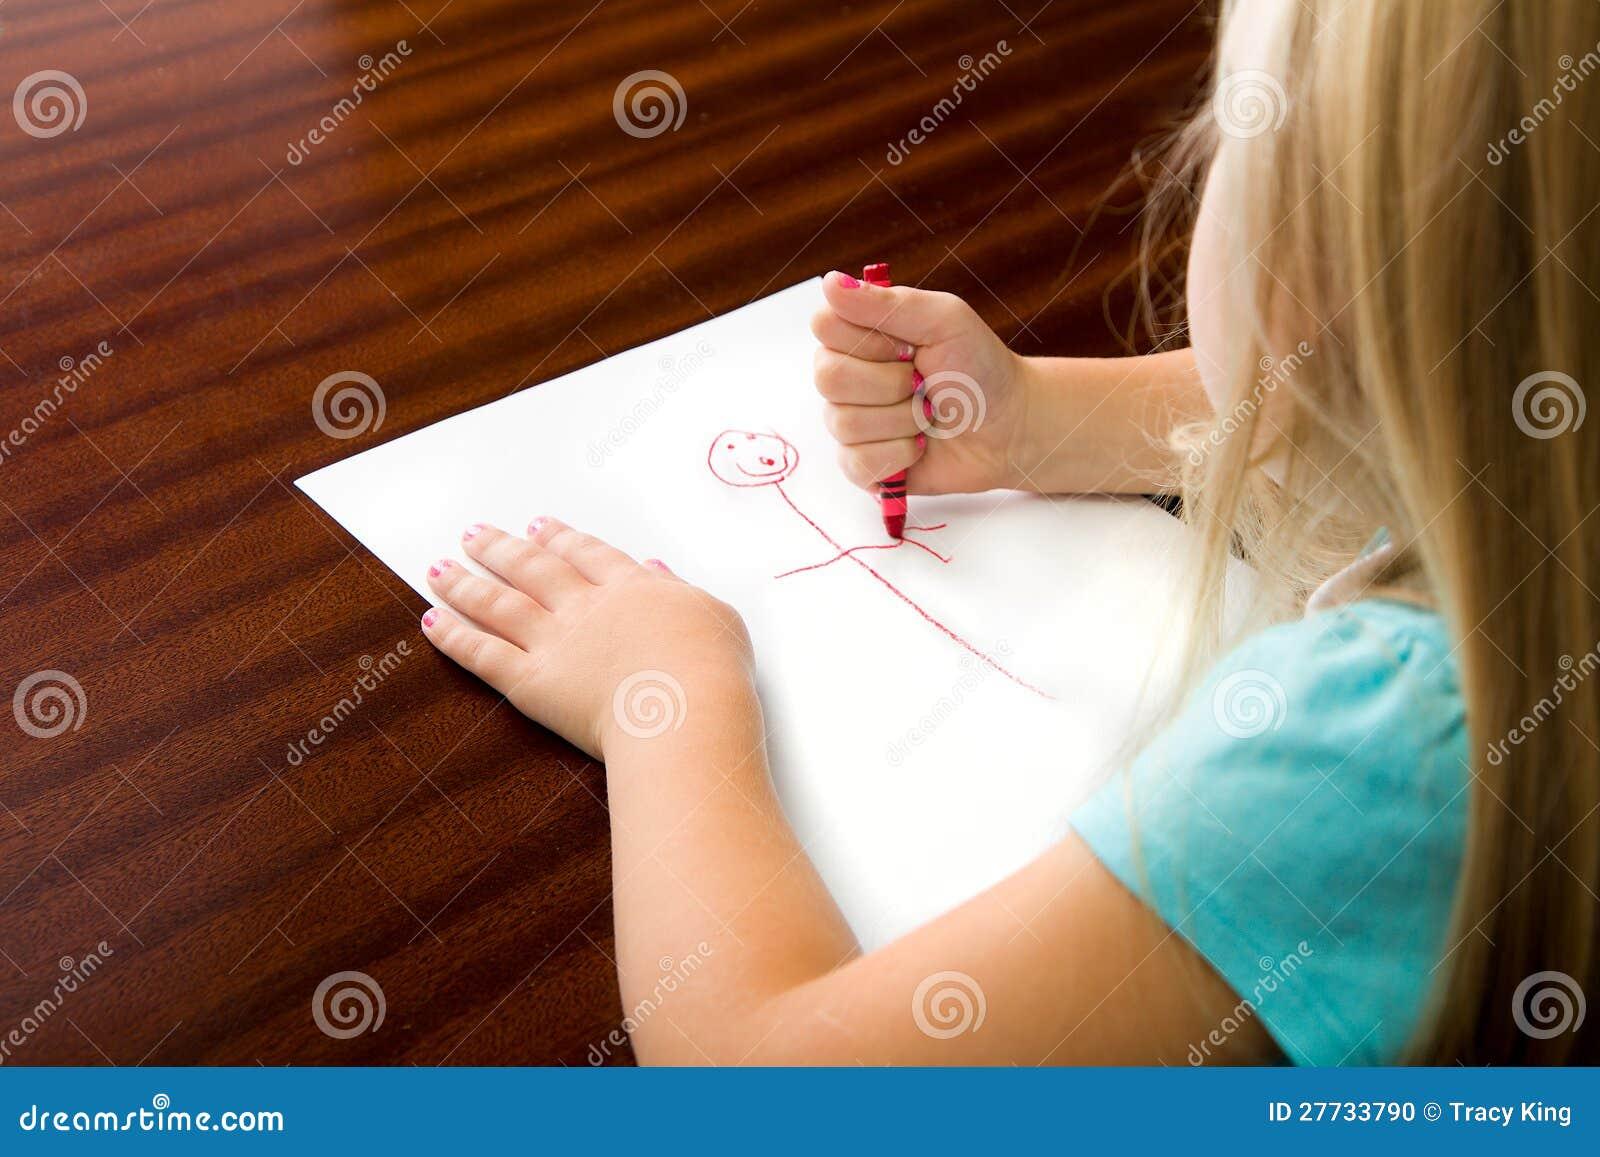 Was sie Zeichnung ist